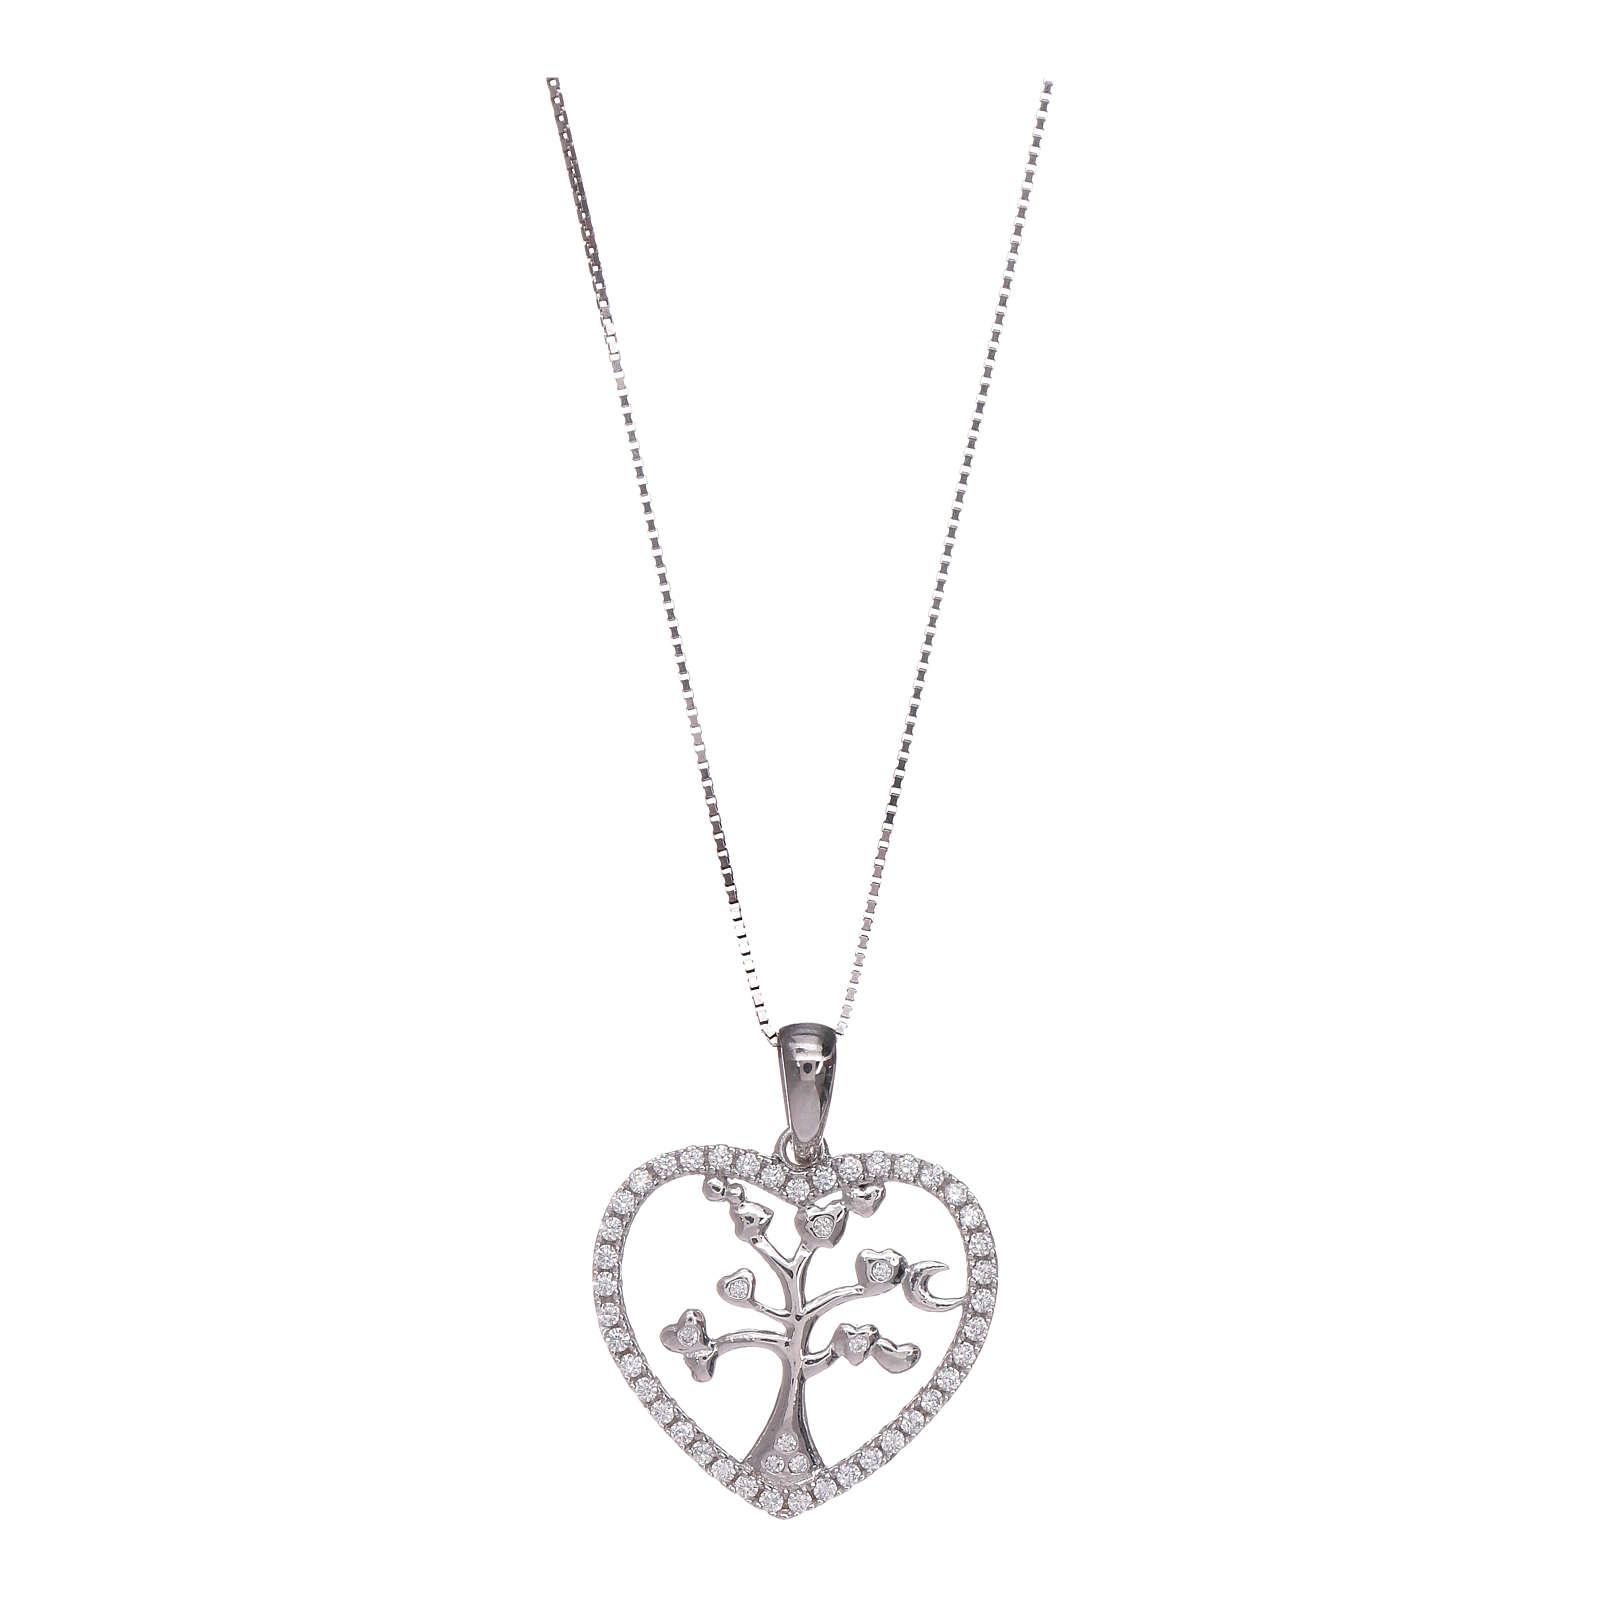 Collier Amen coeur et argent 925 zircons blancs 4